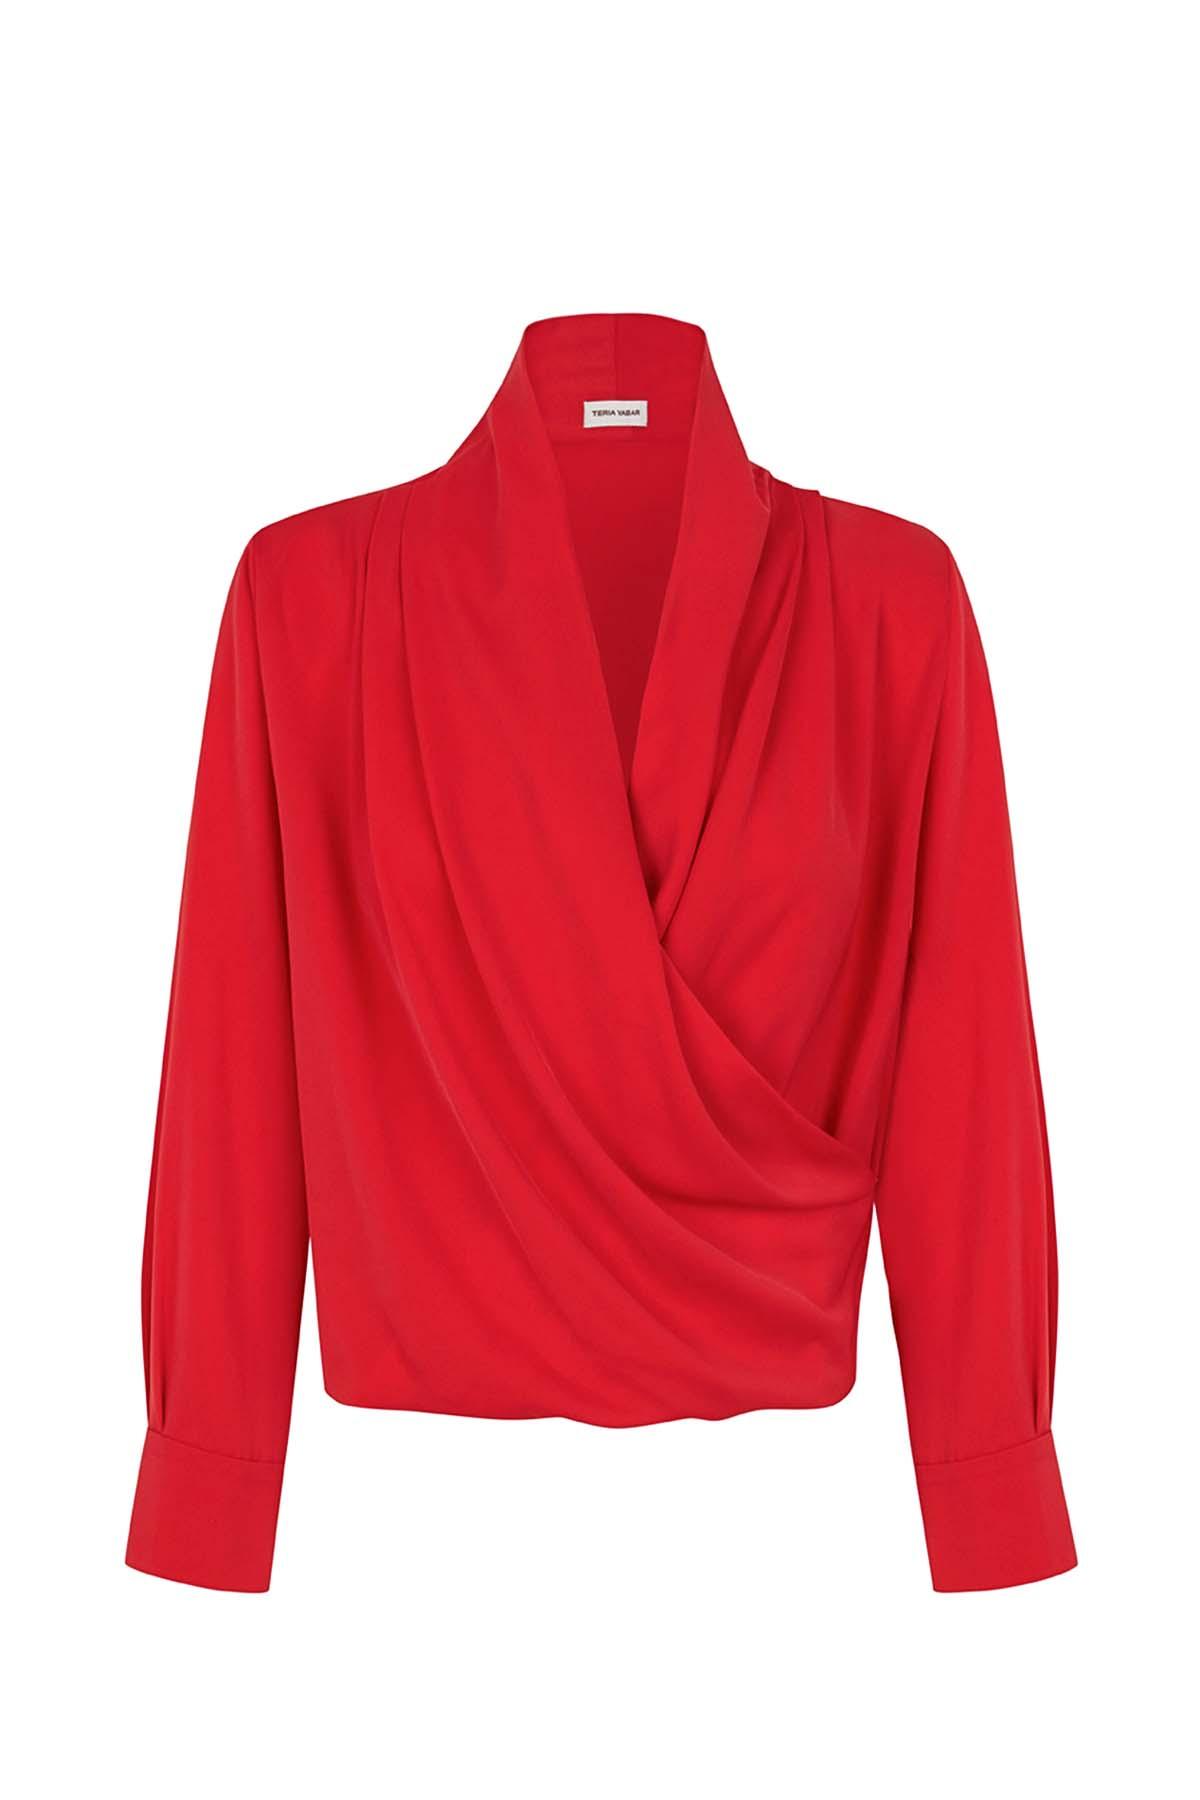 Teria Yabar - Camisa Passy rouge